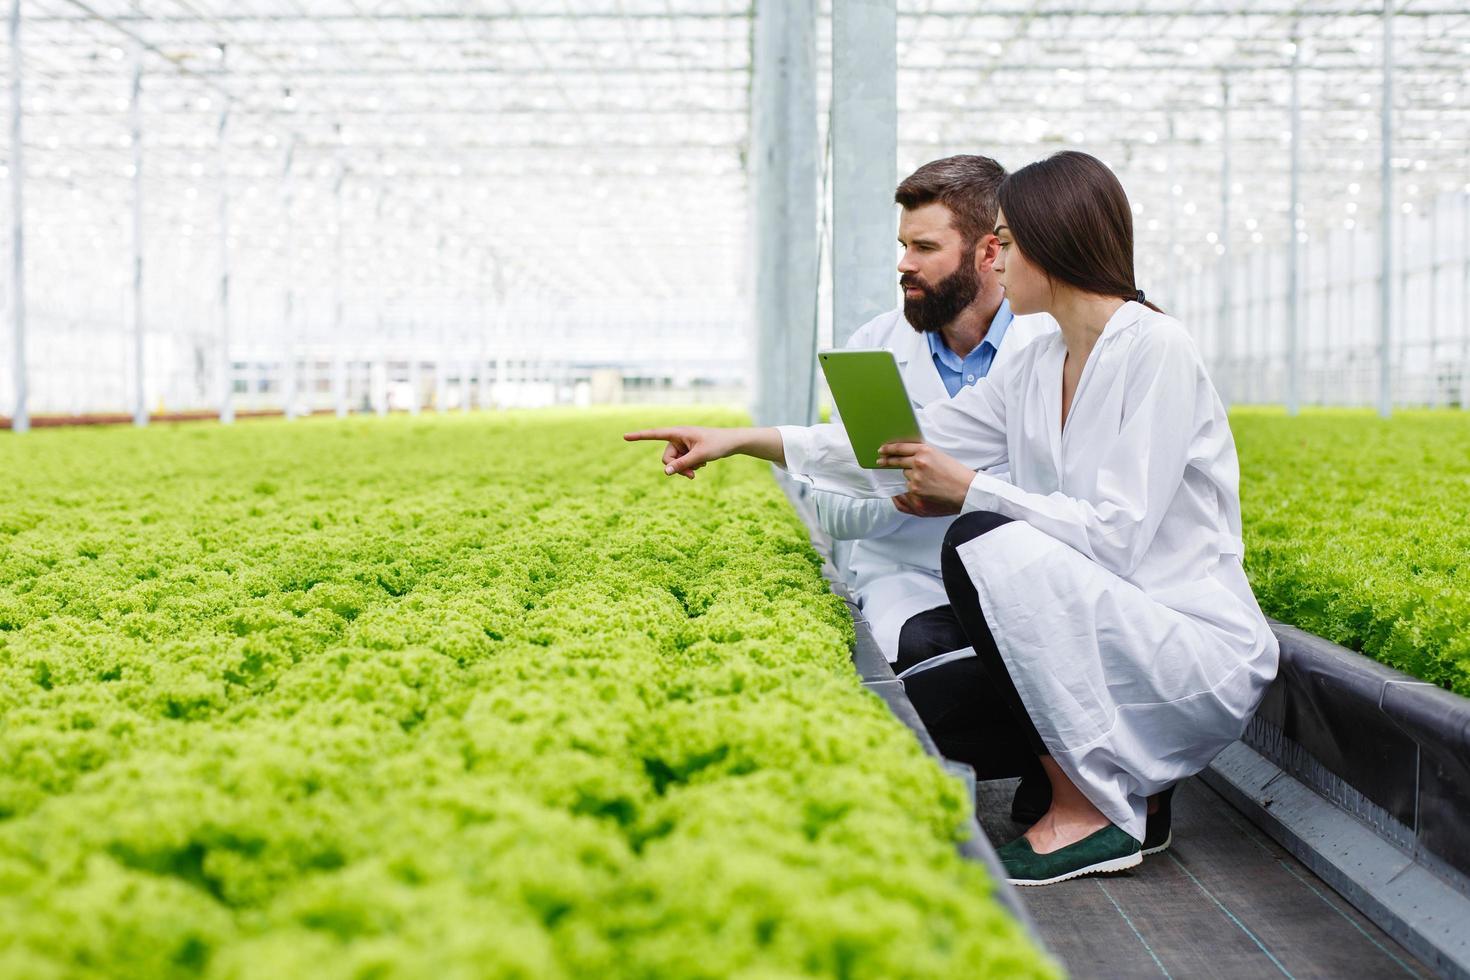 deux chercheurs dans la maison verte photo